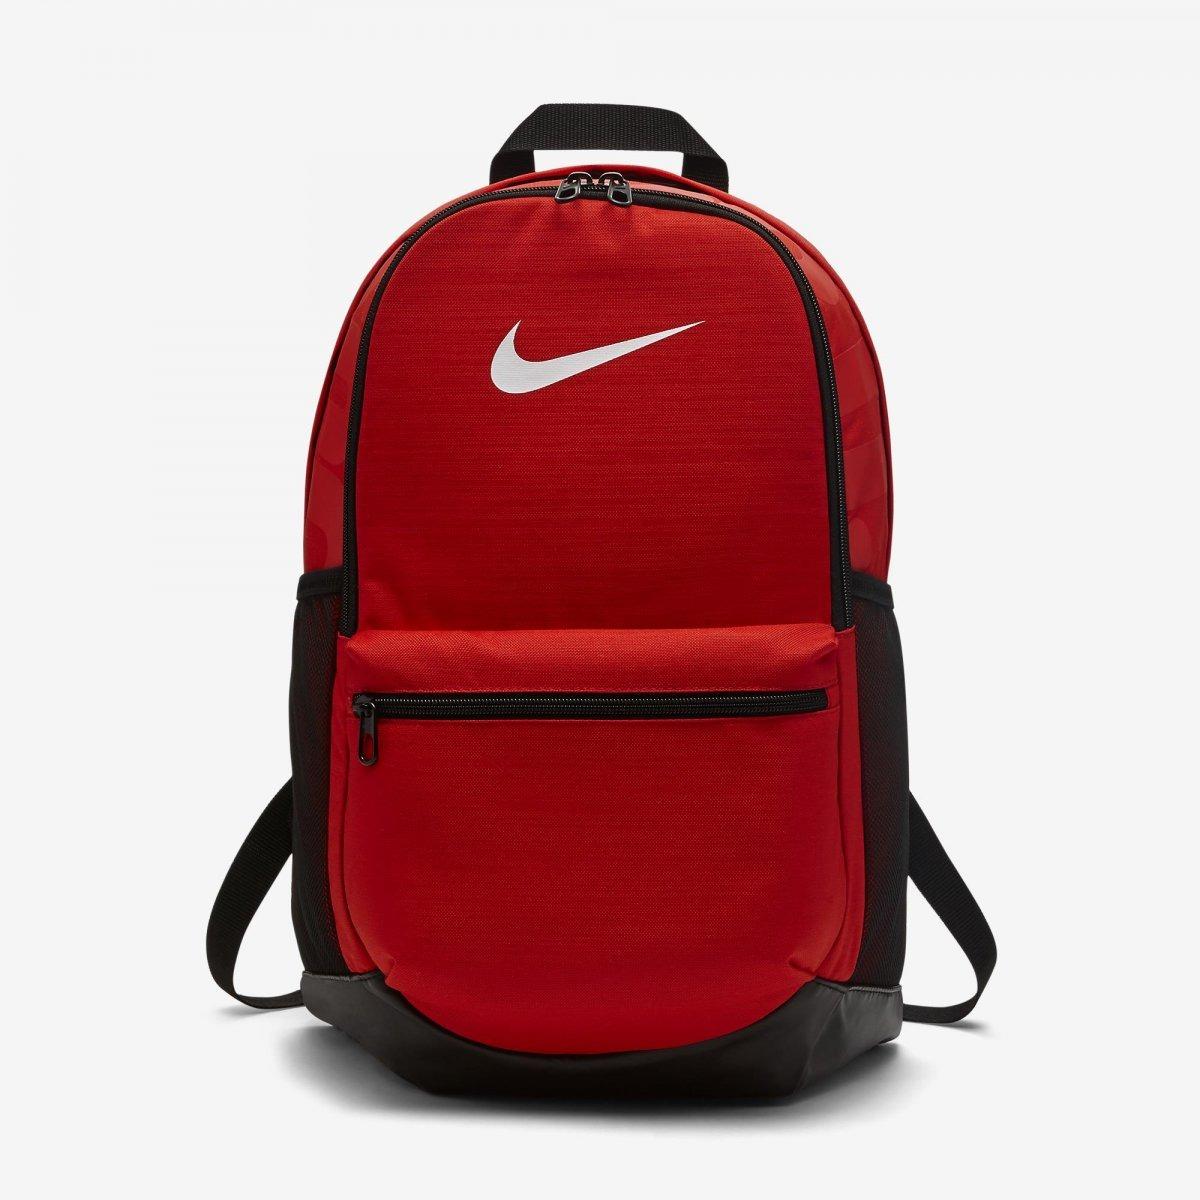 768569885e2c6 Mochila Nike Brasilia Backpack Ba5329-852